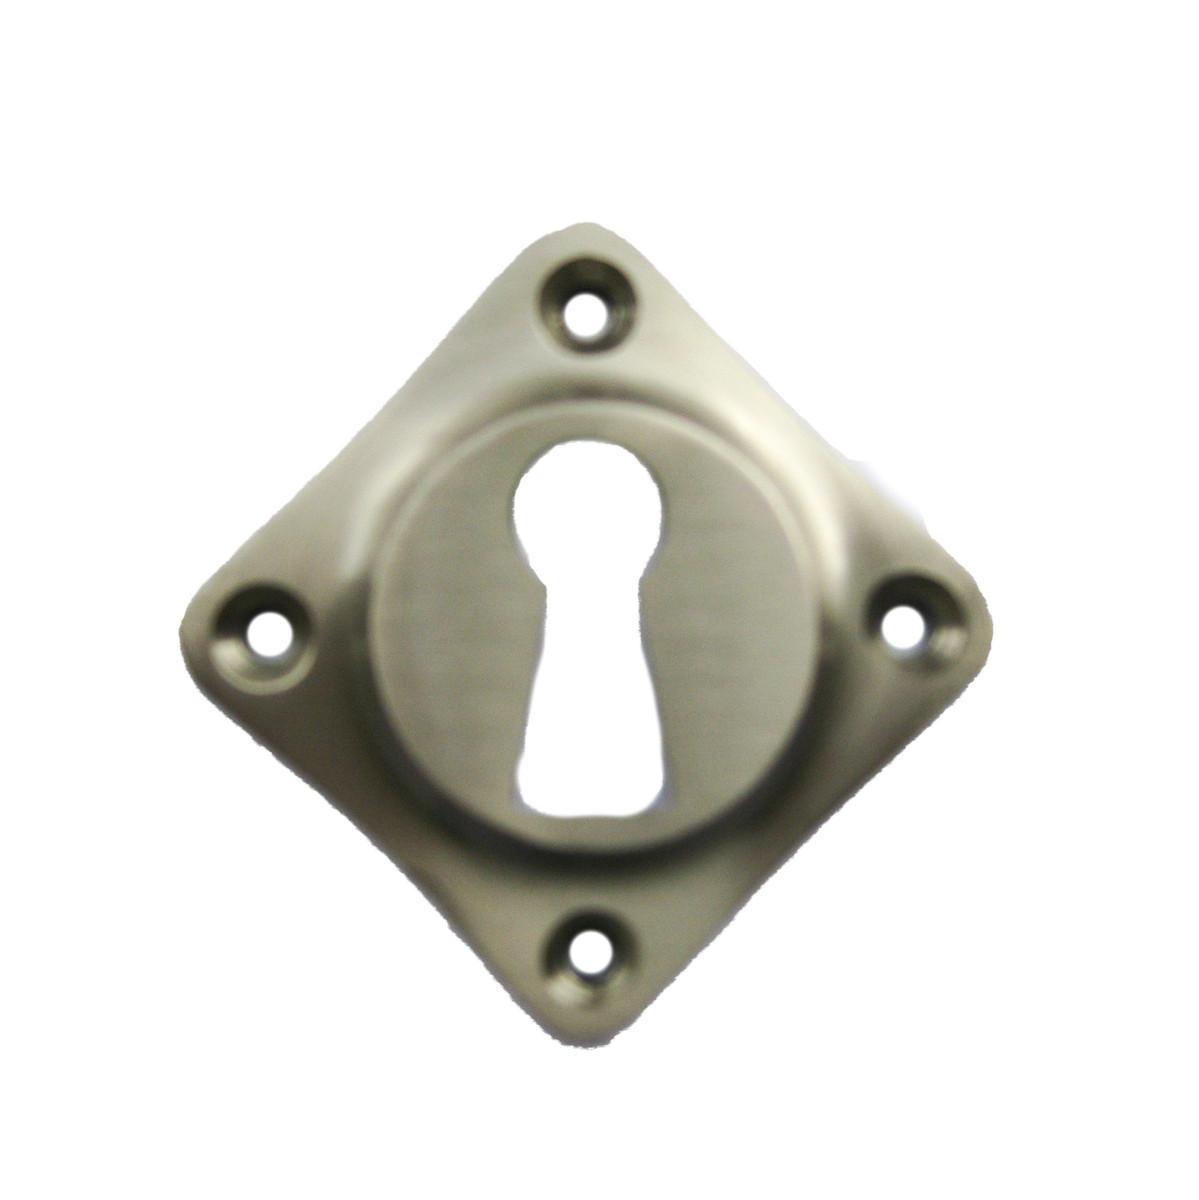 Einbau von Zimmertüren Rosette Buntbart Nickel seidig mattiert in Karo Form direkt im Beschlag Online Shop bestellen.